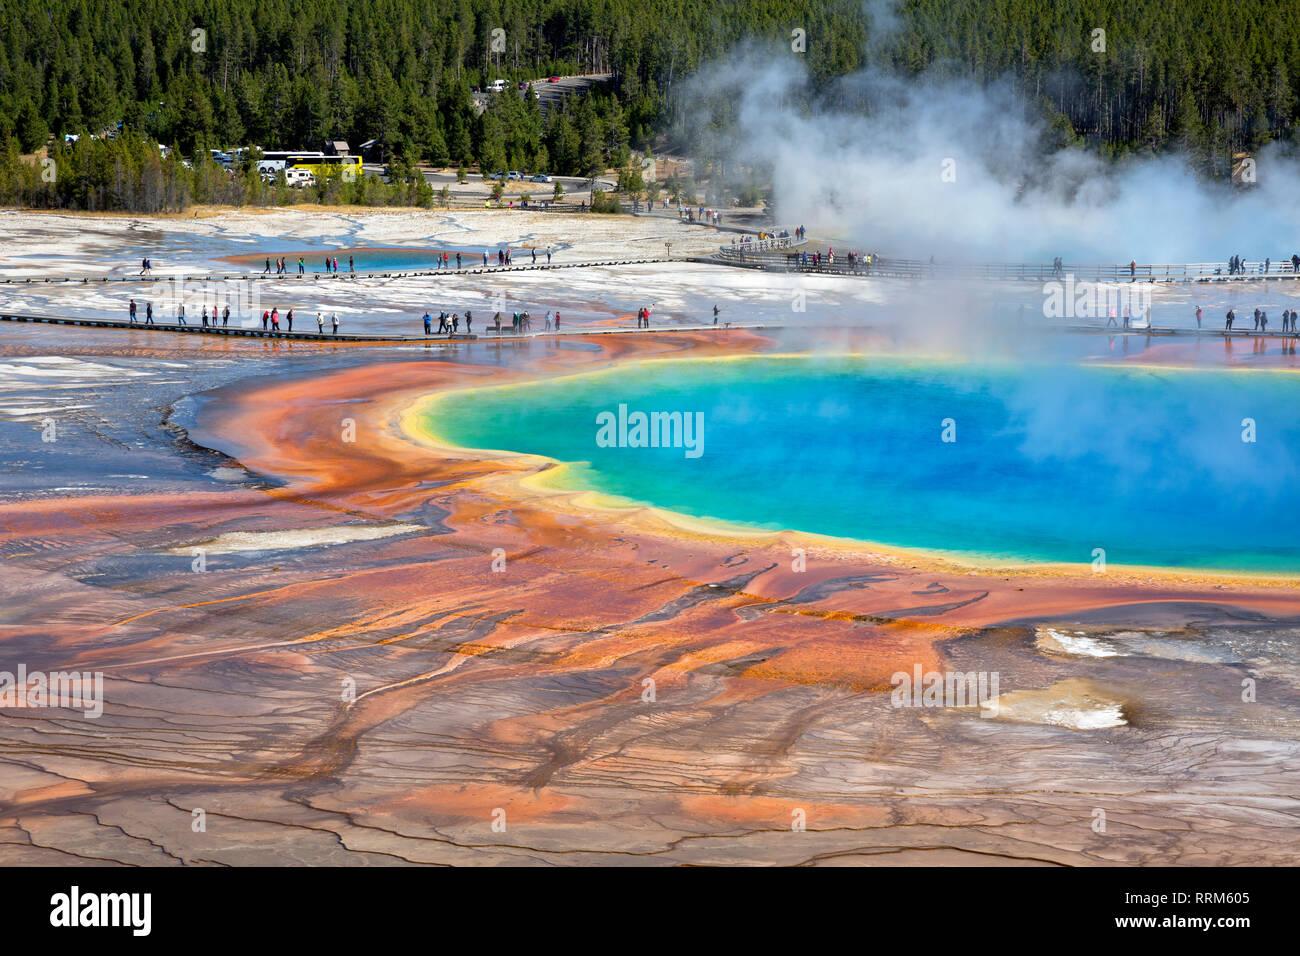 WY03856-00...WYOMING - Le Grand Prismatic Spring colorés Midway Geyser Basin dans le Parc National de Yellowstone. Banque D'Images